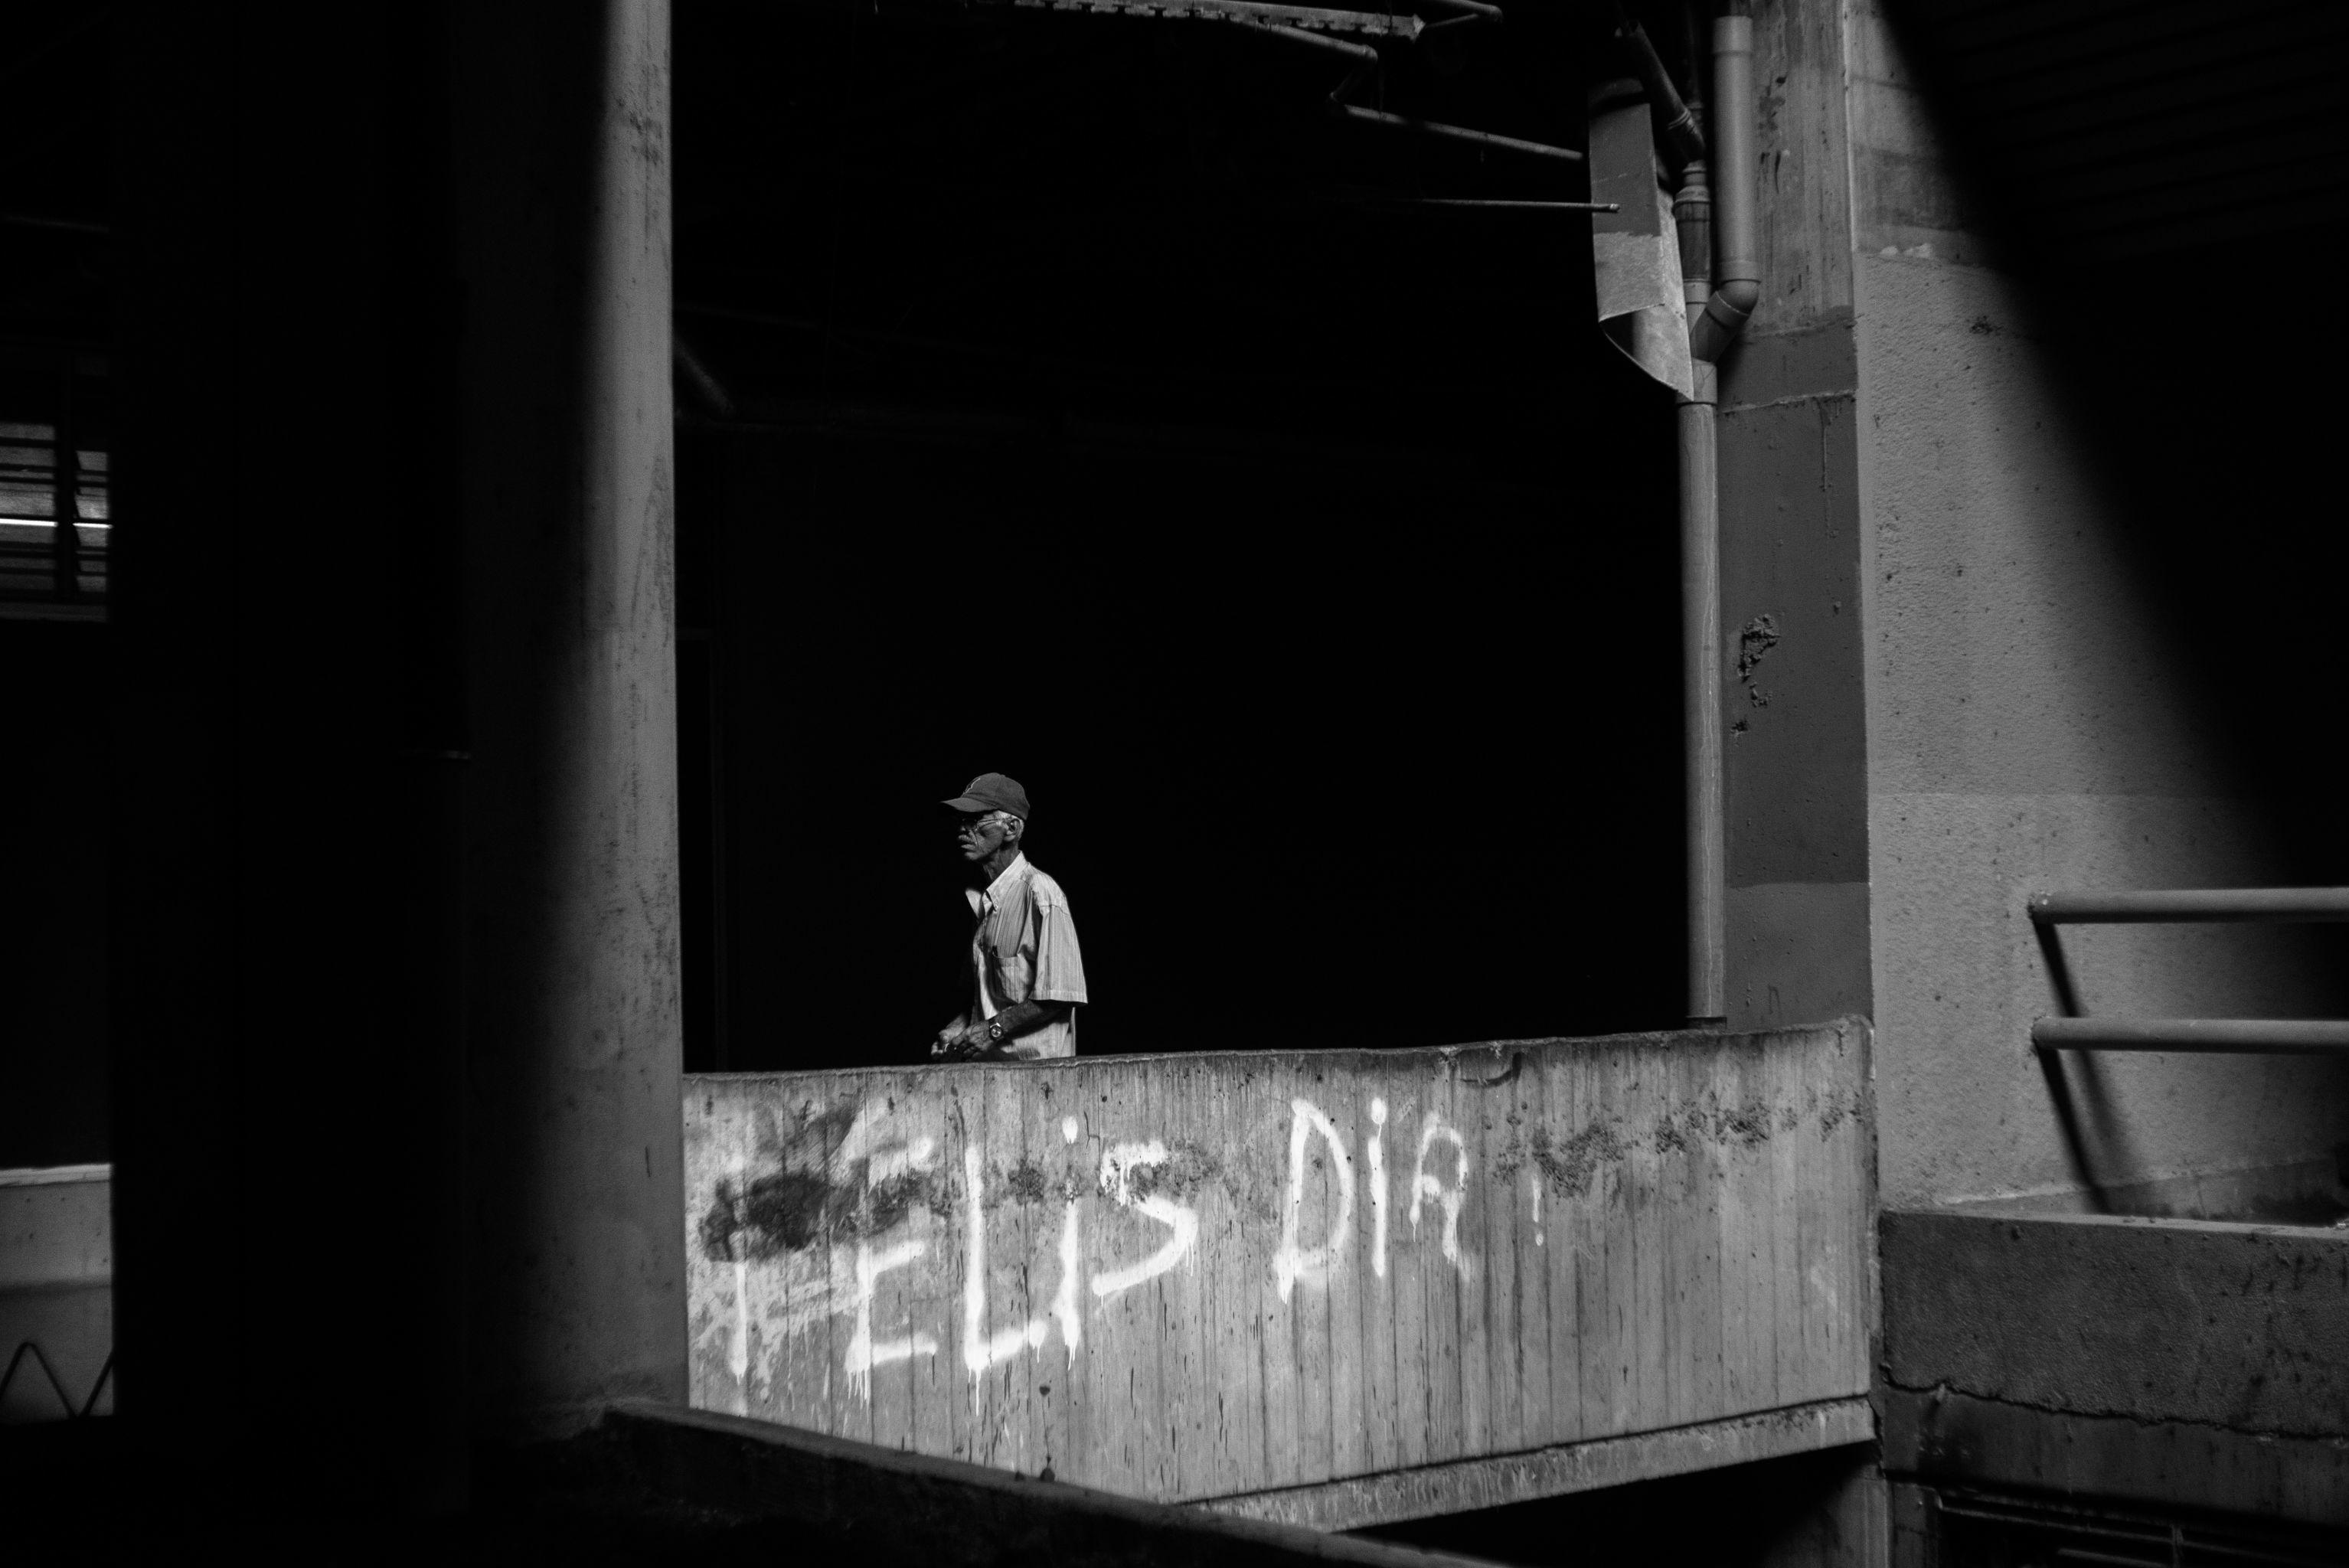 Fotografía de Caracas - tomada por Marcelo Volpe del colectivo Callejera Criolla (CACRI)